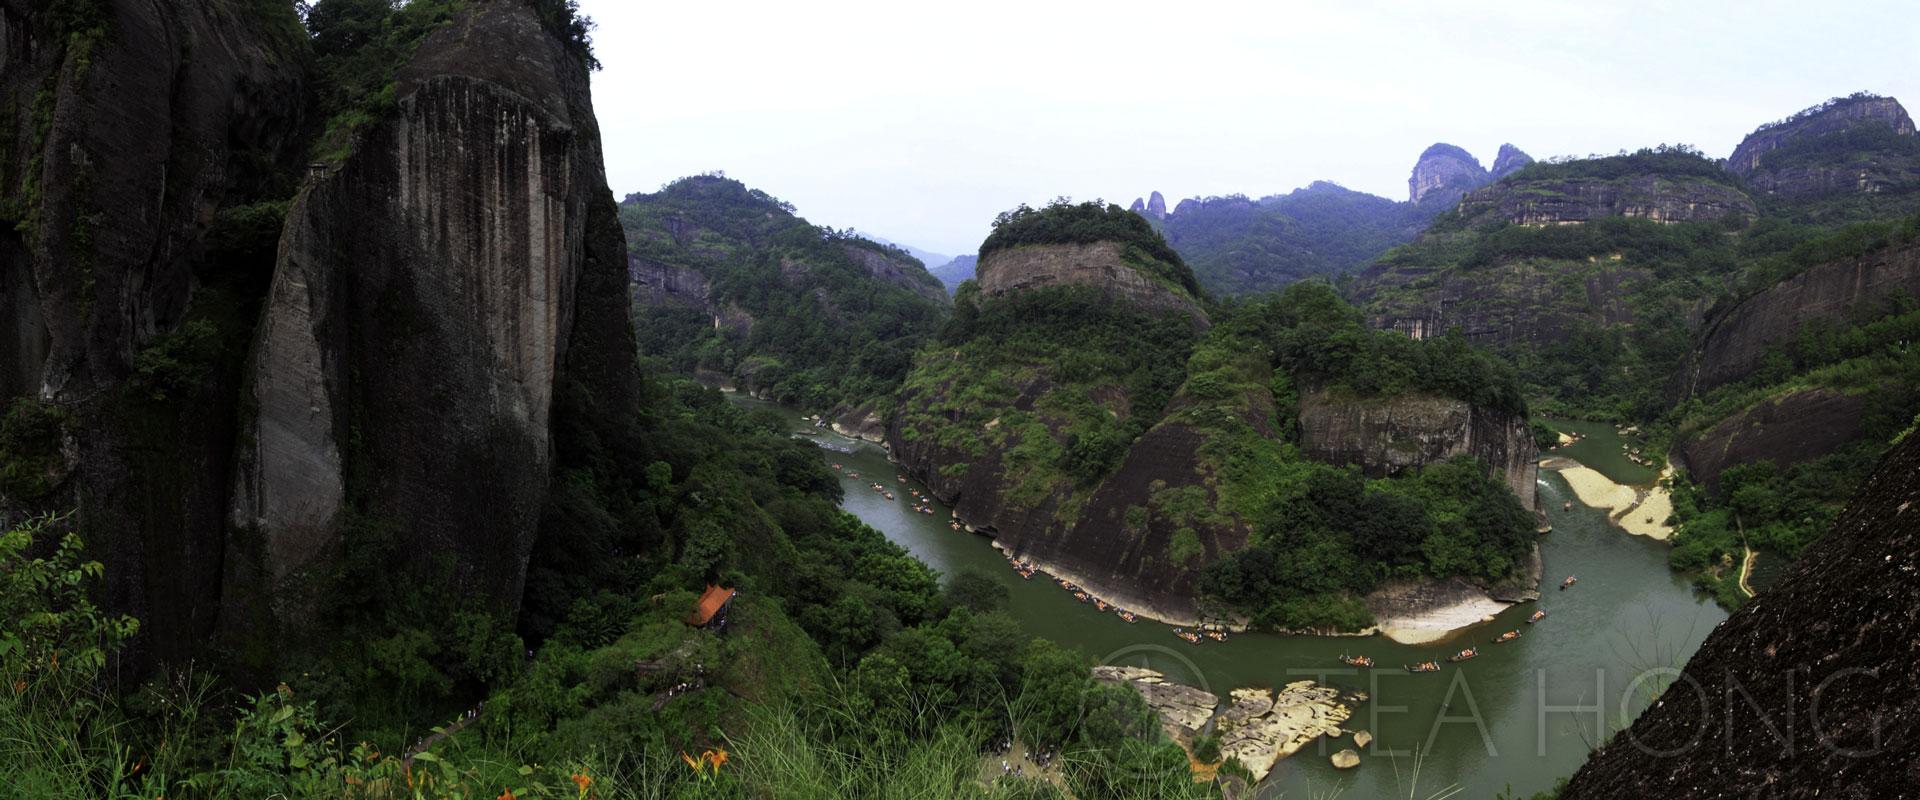 Tea Regions of TeaHomg.com: Wuyi